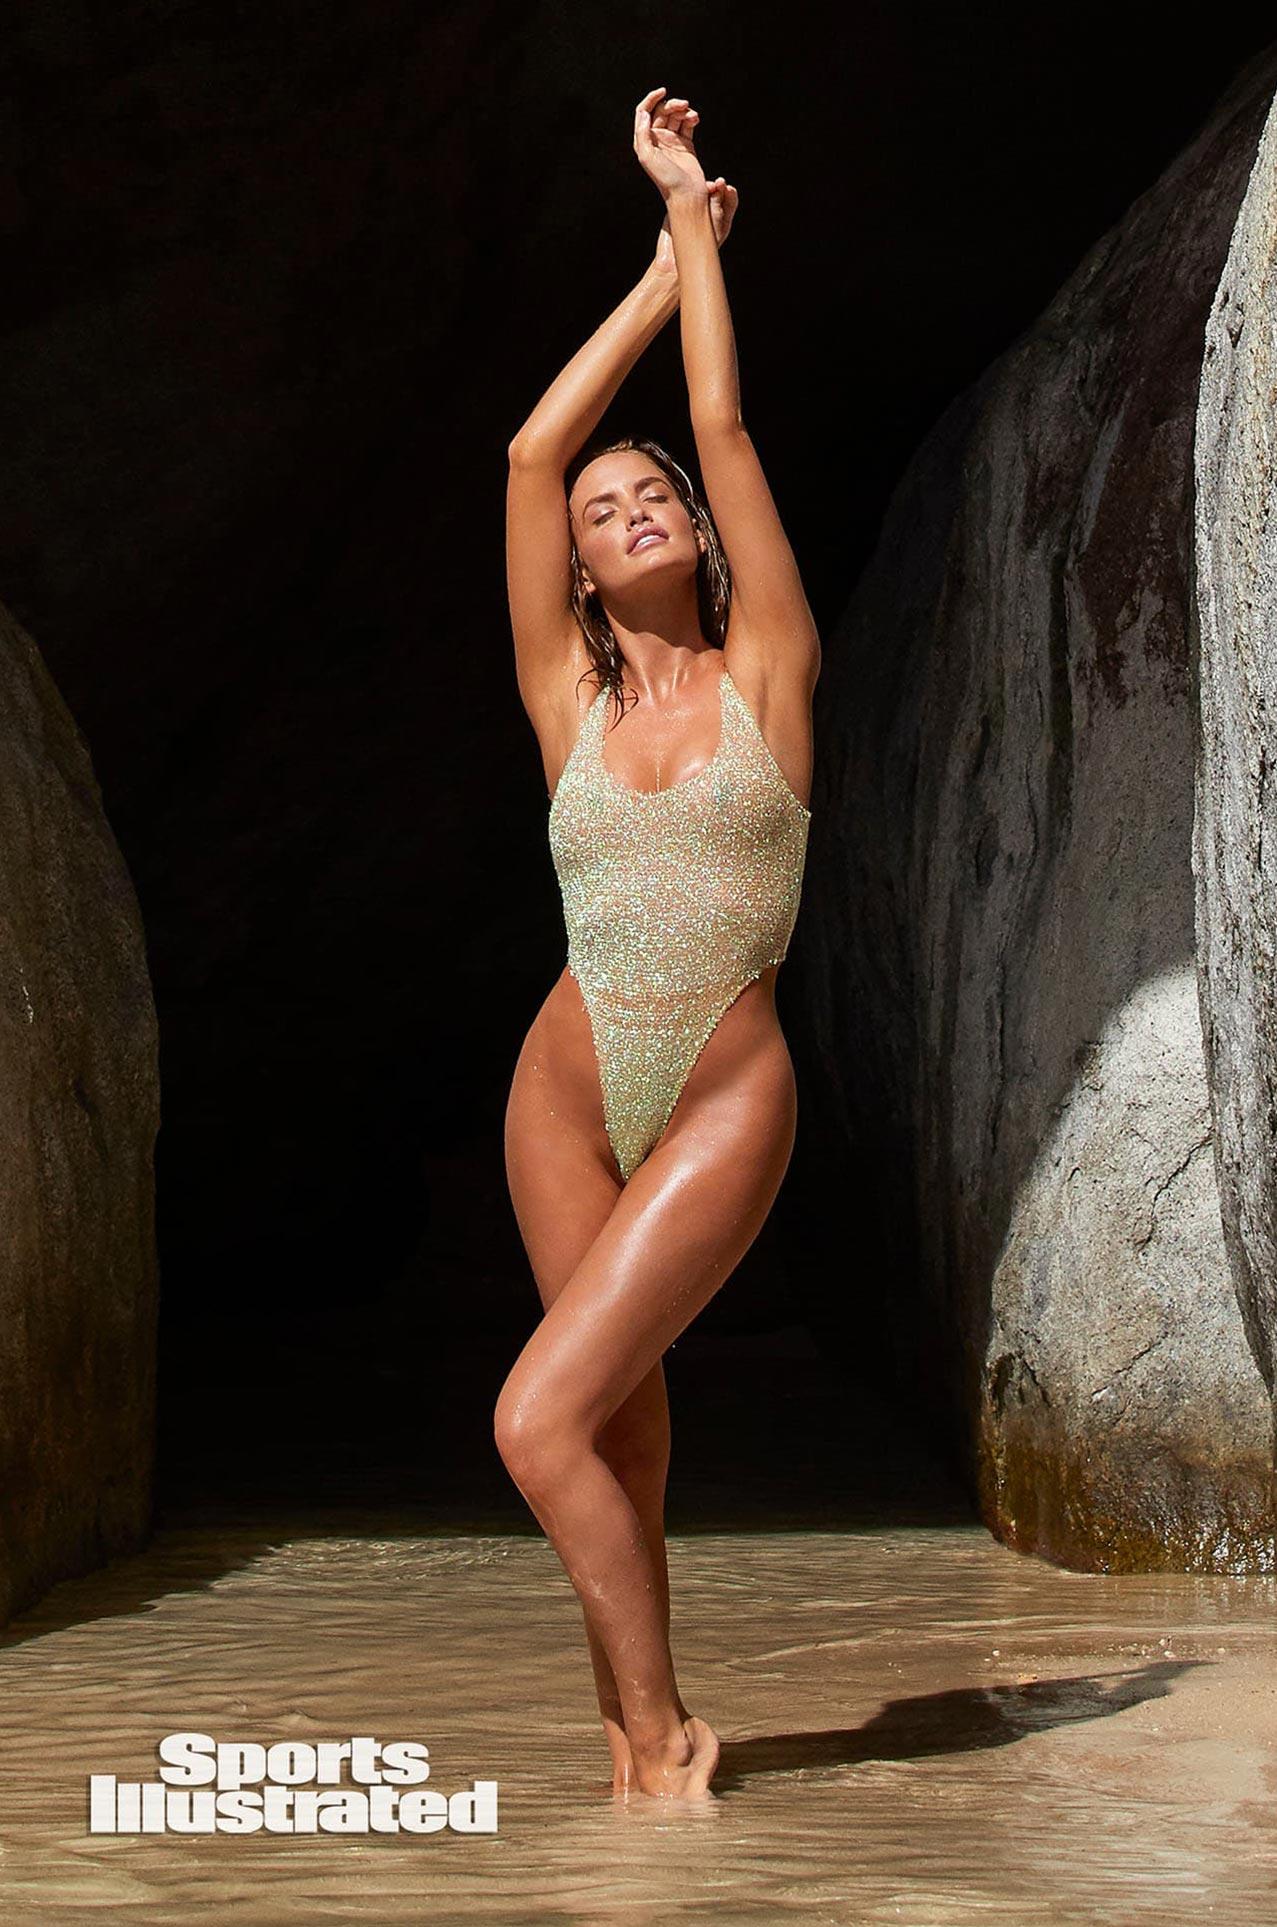 Хейли Калил в каталоге купальников Sports Illustrated Swimsuit 2020 / фото 33